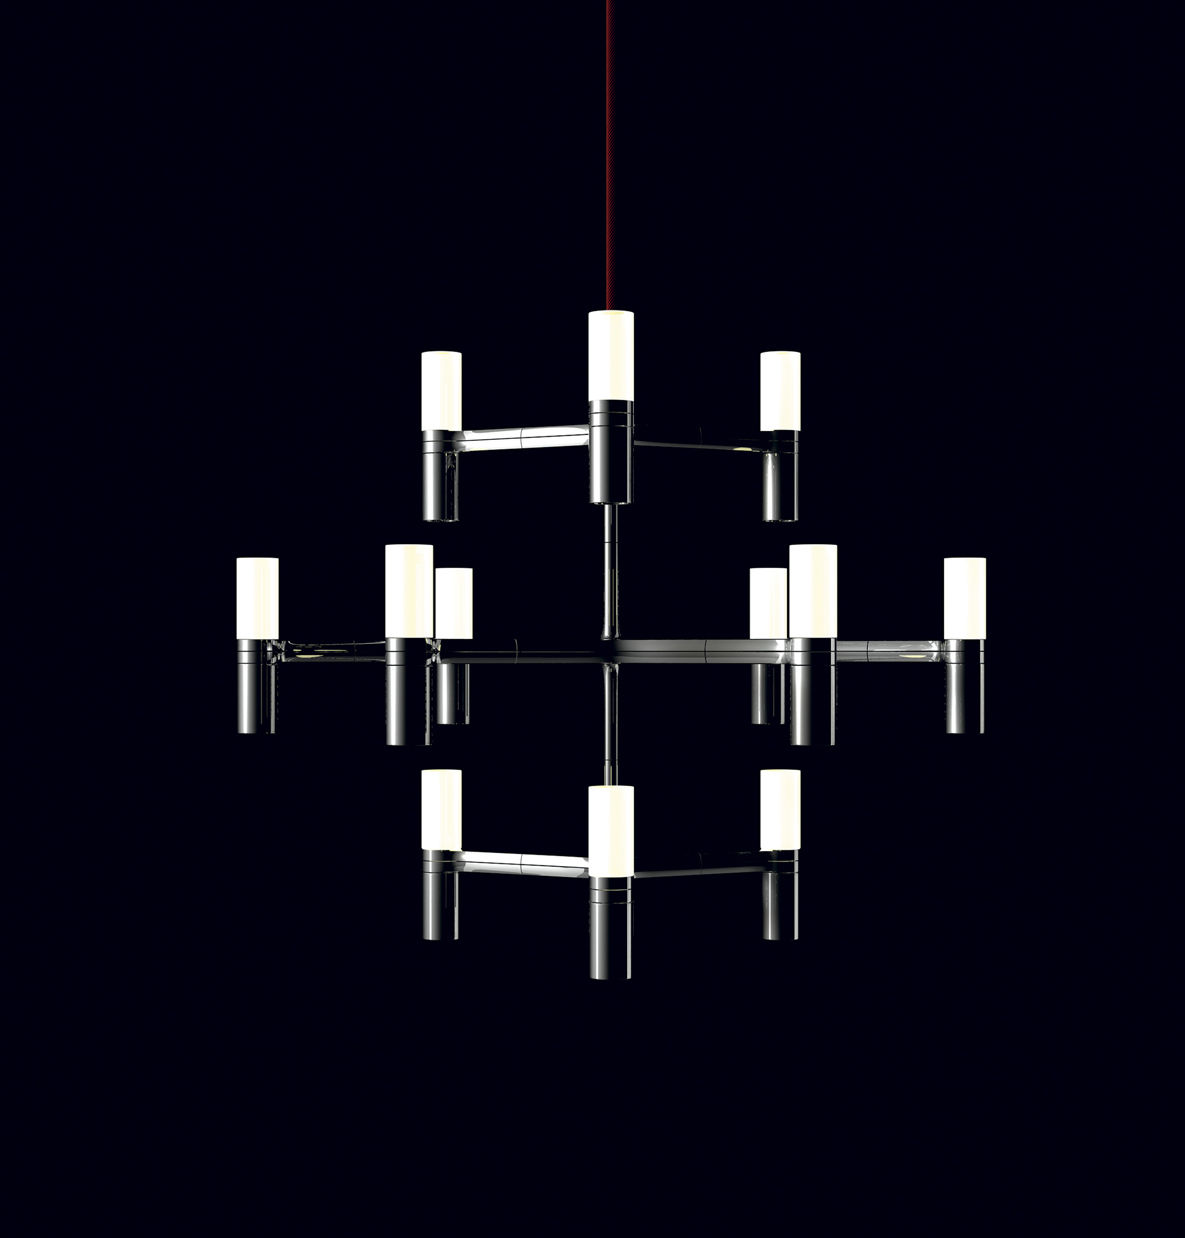 Luminaire - Suspensions - Suspension Crown Minor / Ø 77 cm - Nemo - Aluminium - Aluminium, Verre opalin